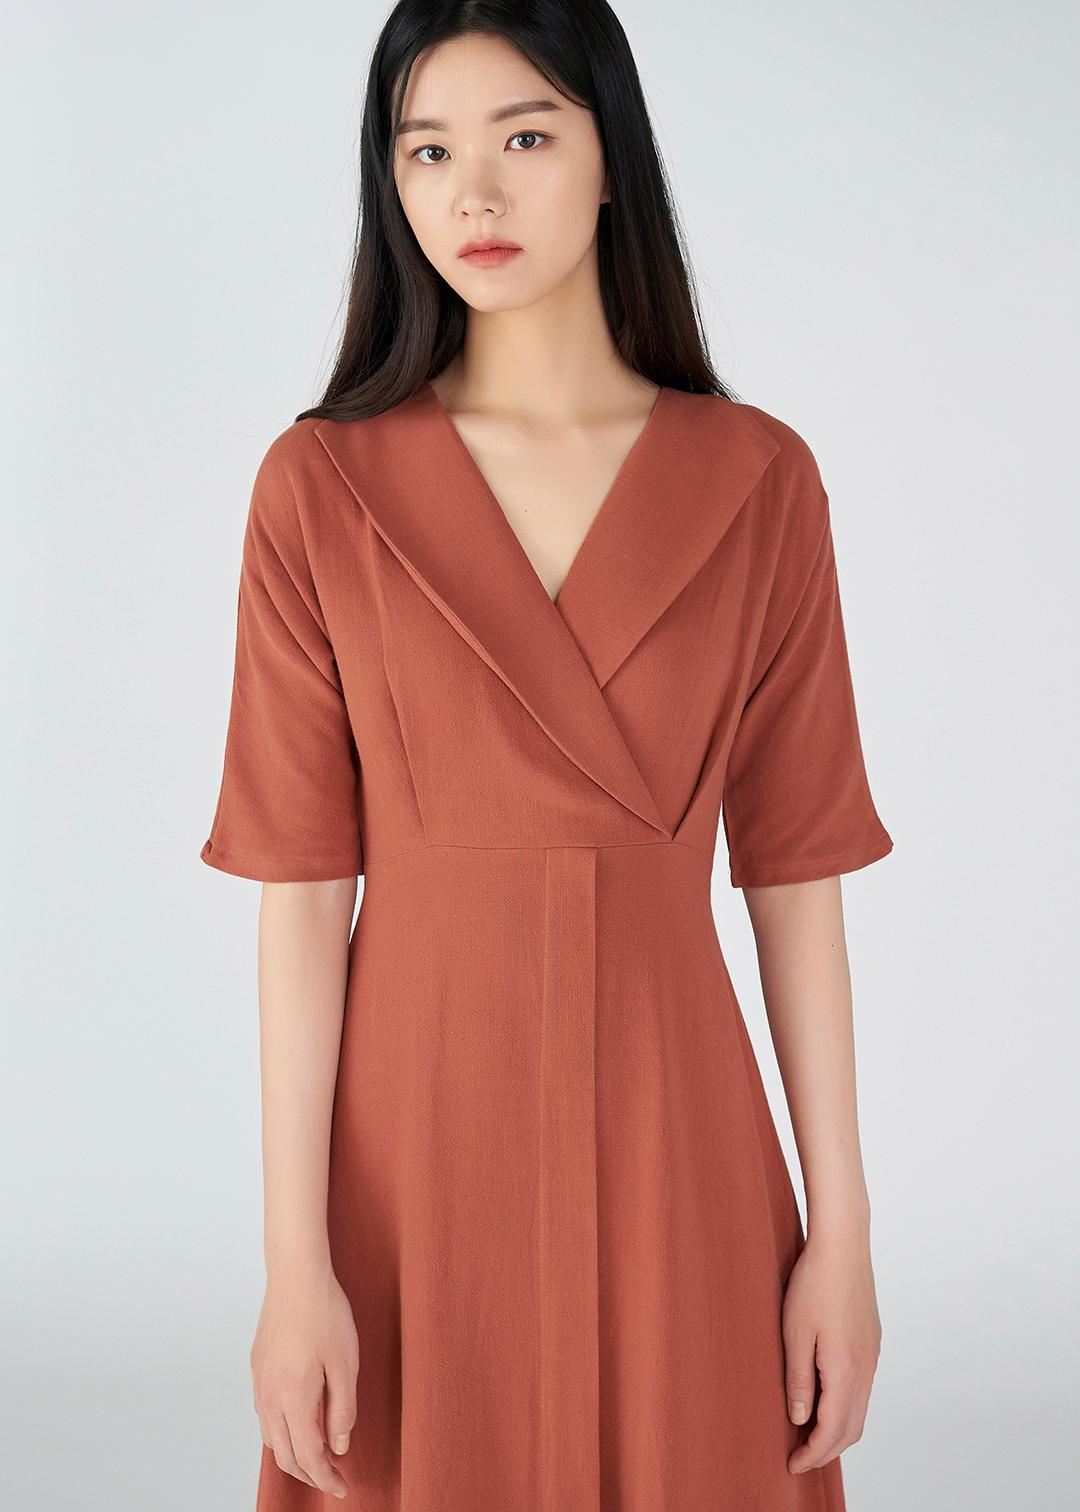 Adelle Mild Linen Dress